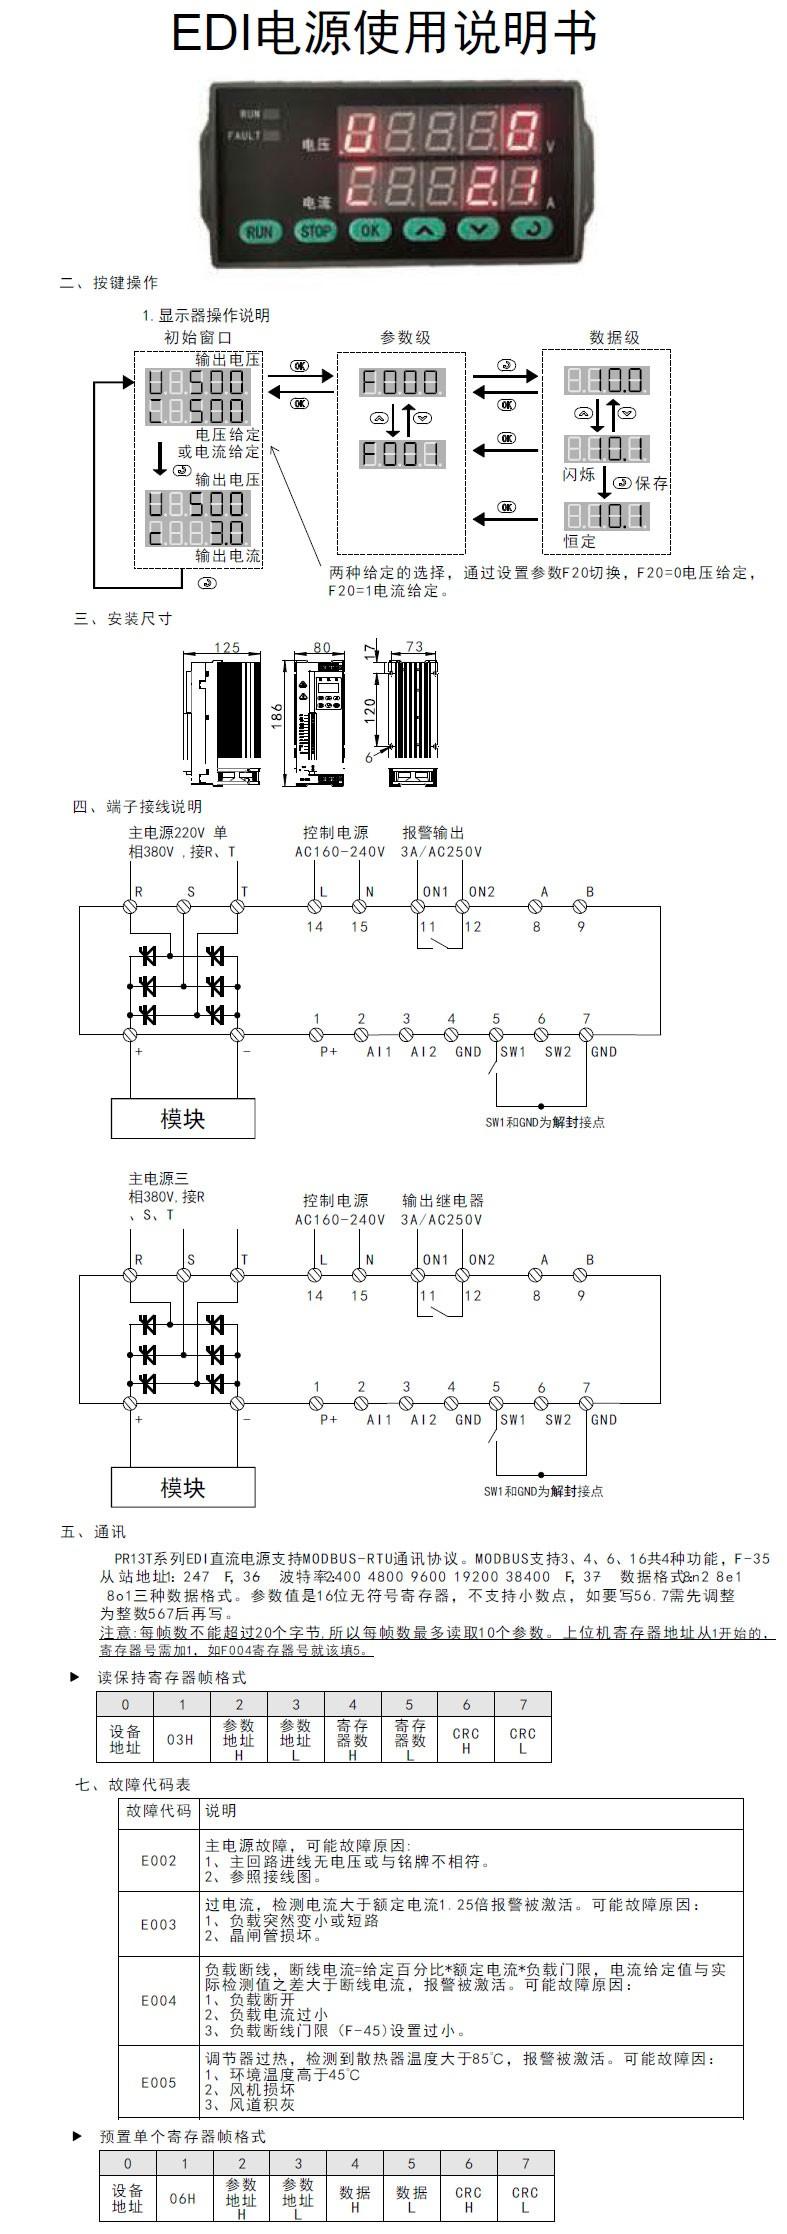 上海汭莱环保科技有限公司|水处理配件|水处理配件批发|GF仪表|Ampure EDI|反渗透膜|水处理配件厂家